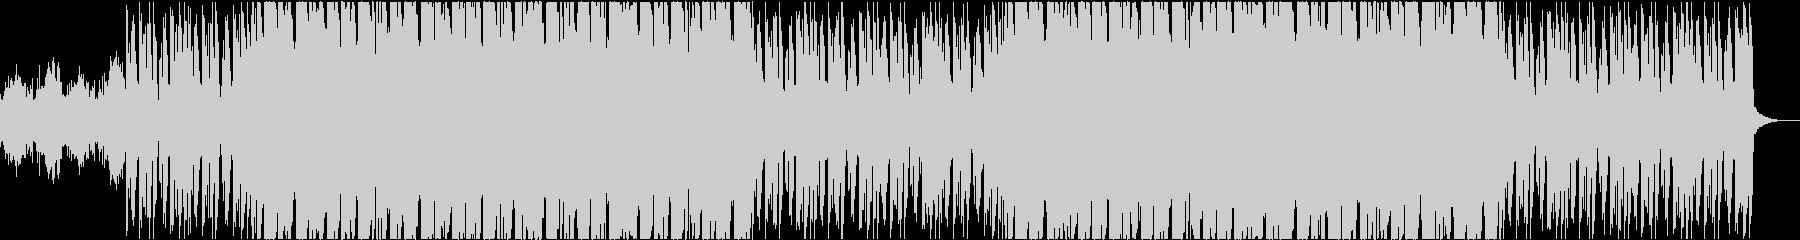 サイバーで怪しいインダストリアルサウンドの未再生の波形